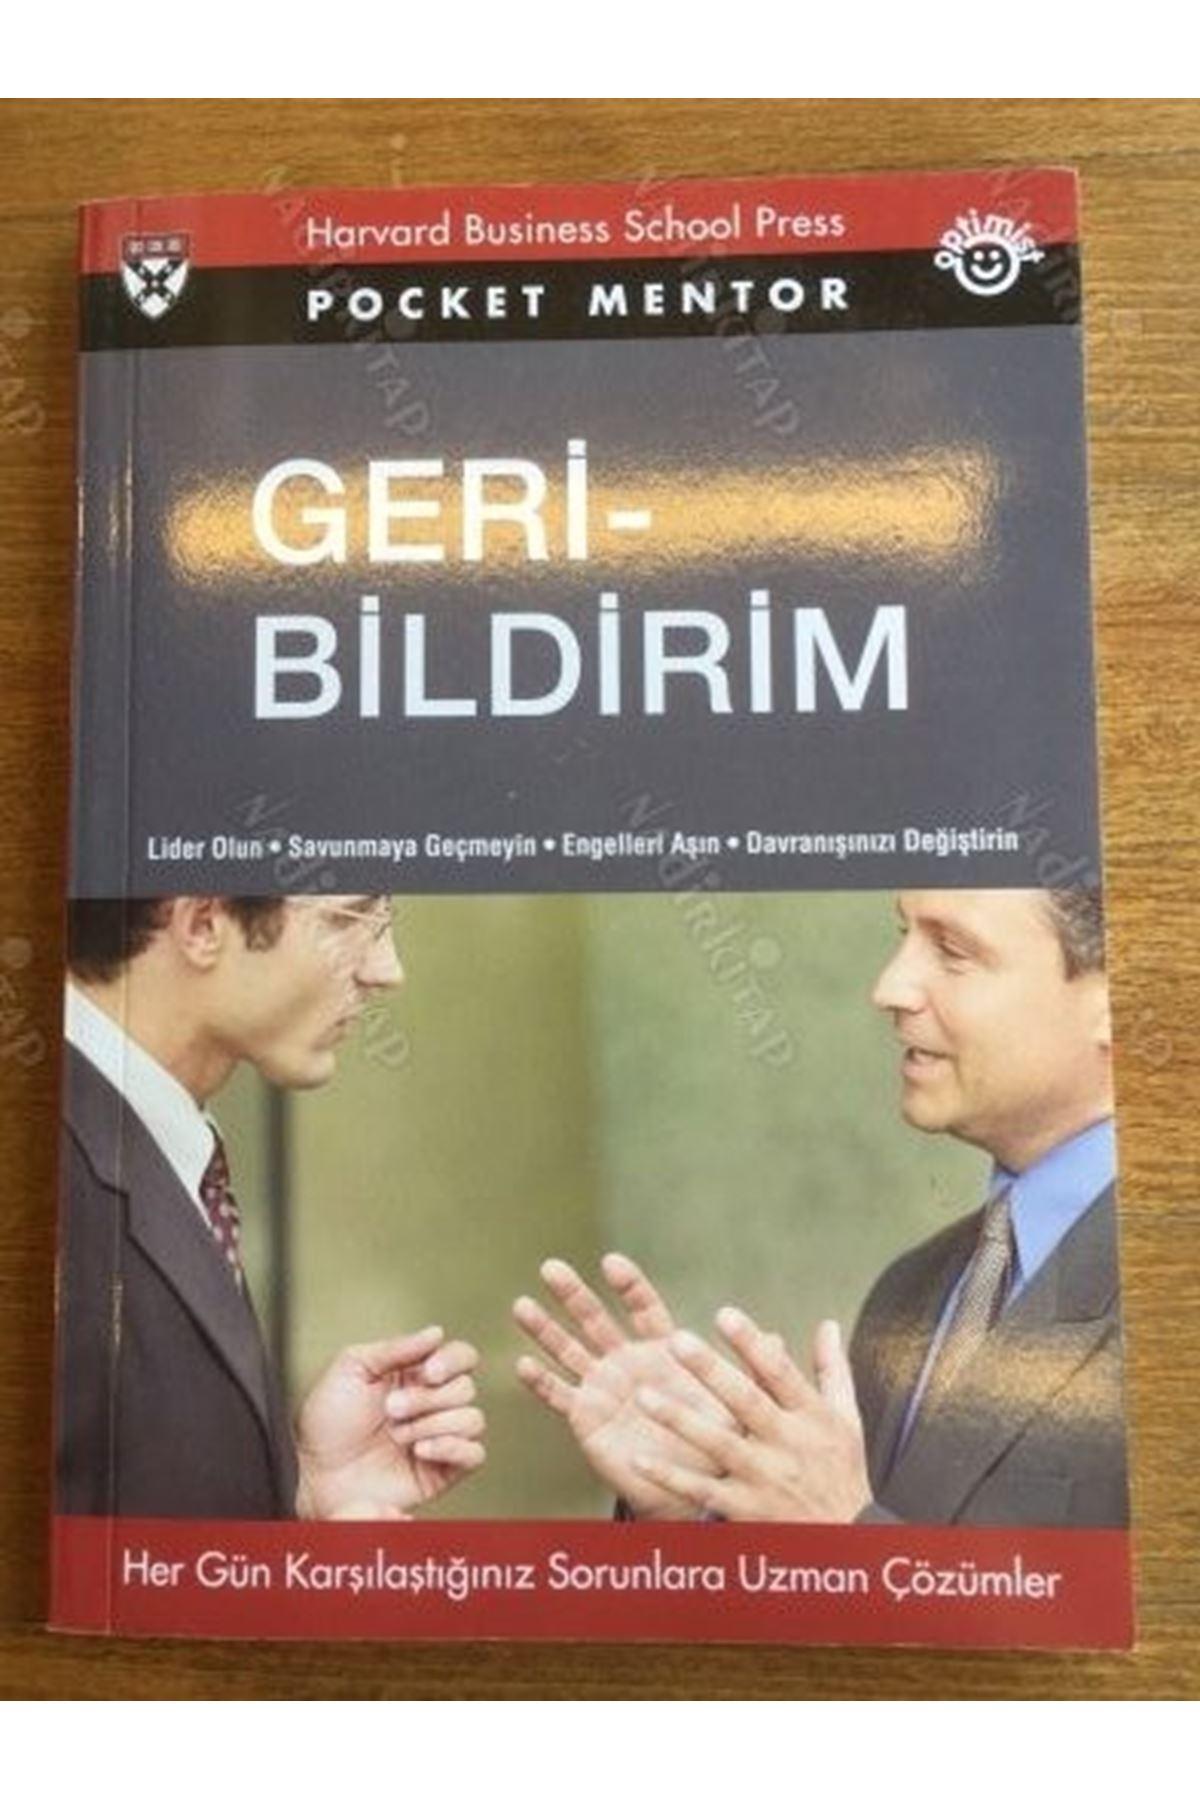 POCKET MENTOR - GERİ BİLDİRİM